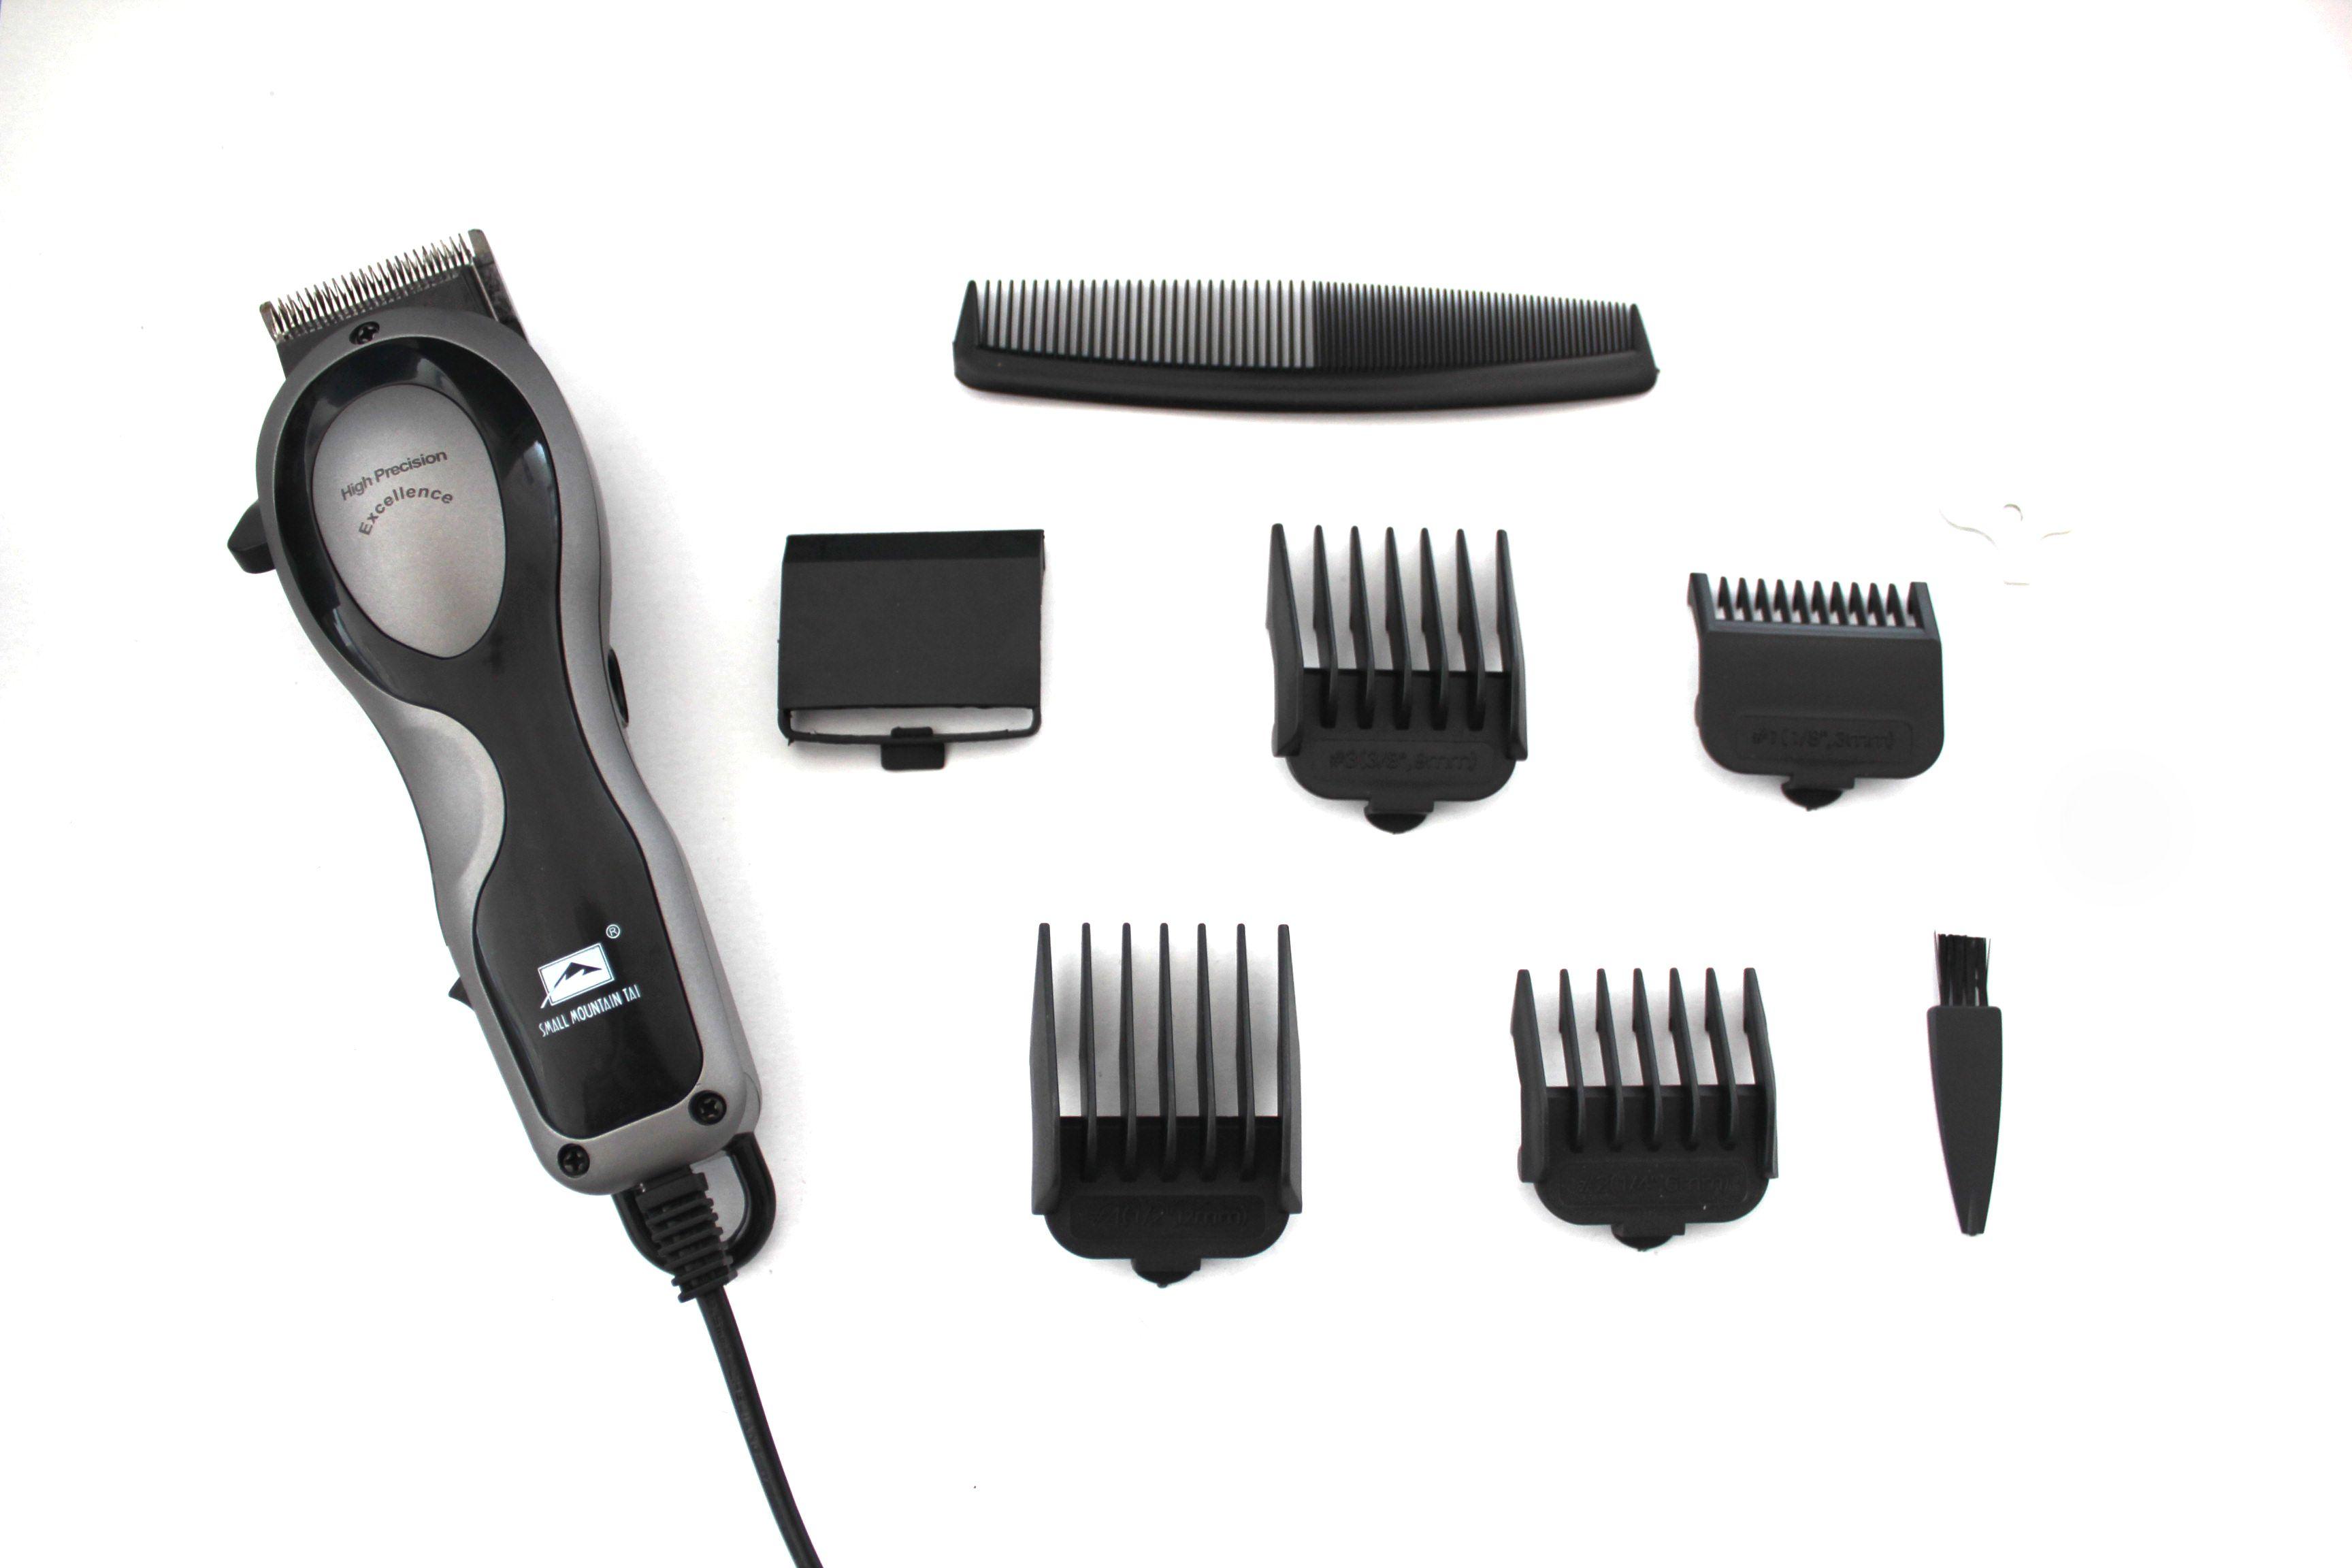 送料無料BJTの髪のクリッパーのプロのスーパーヘアトリマーuk.eu.usプラグ、110Vと220V